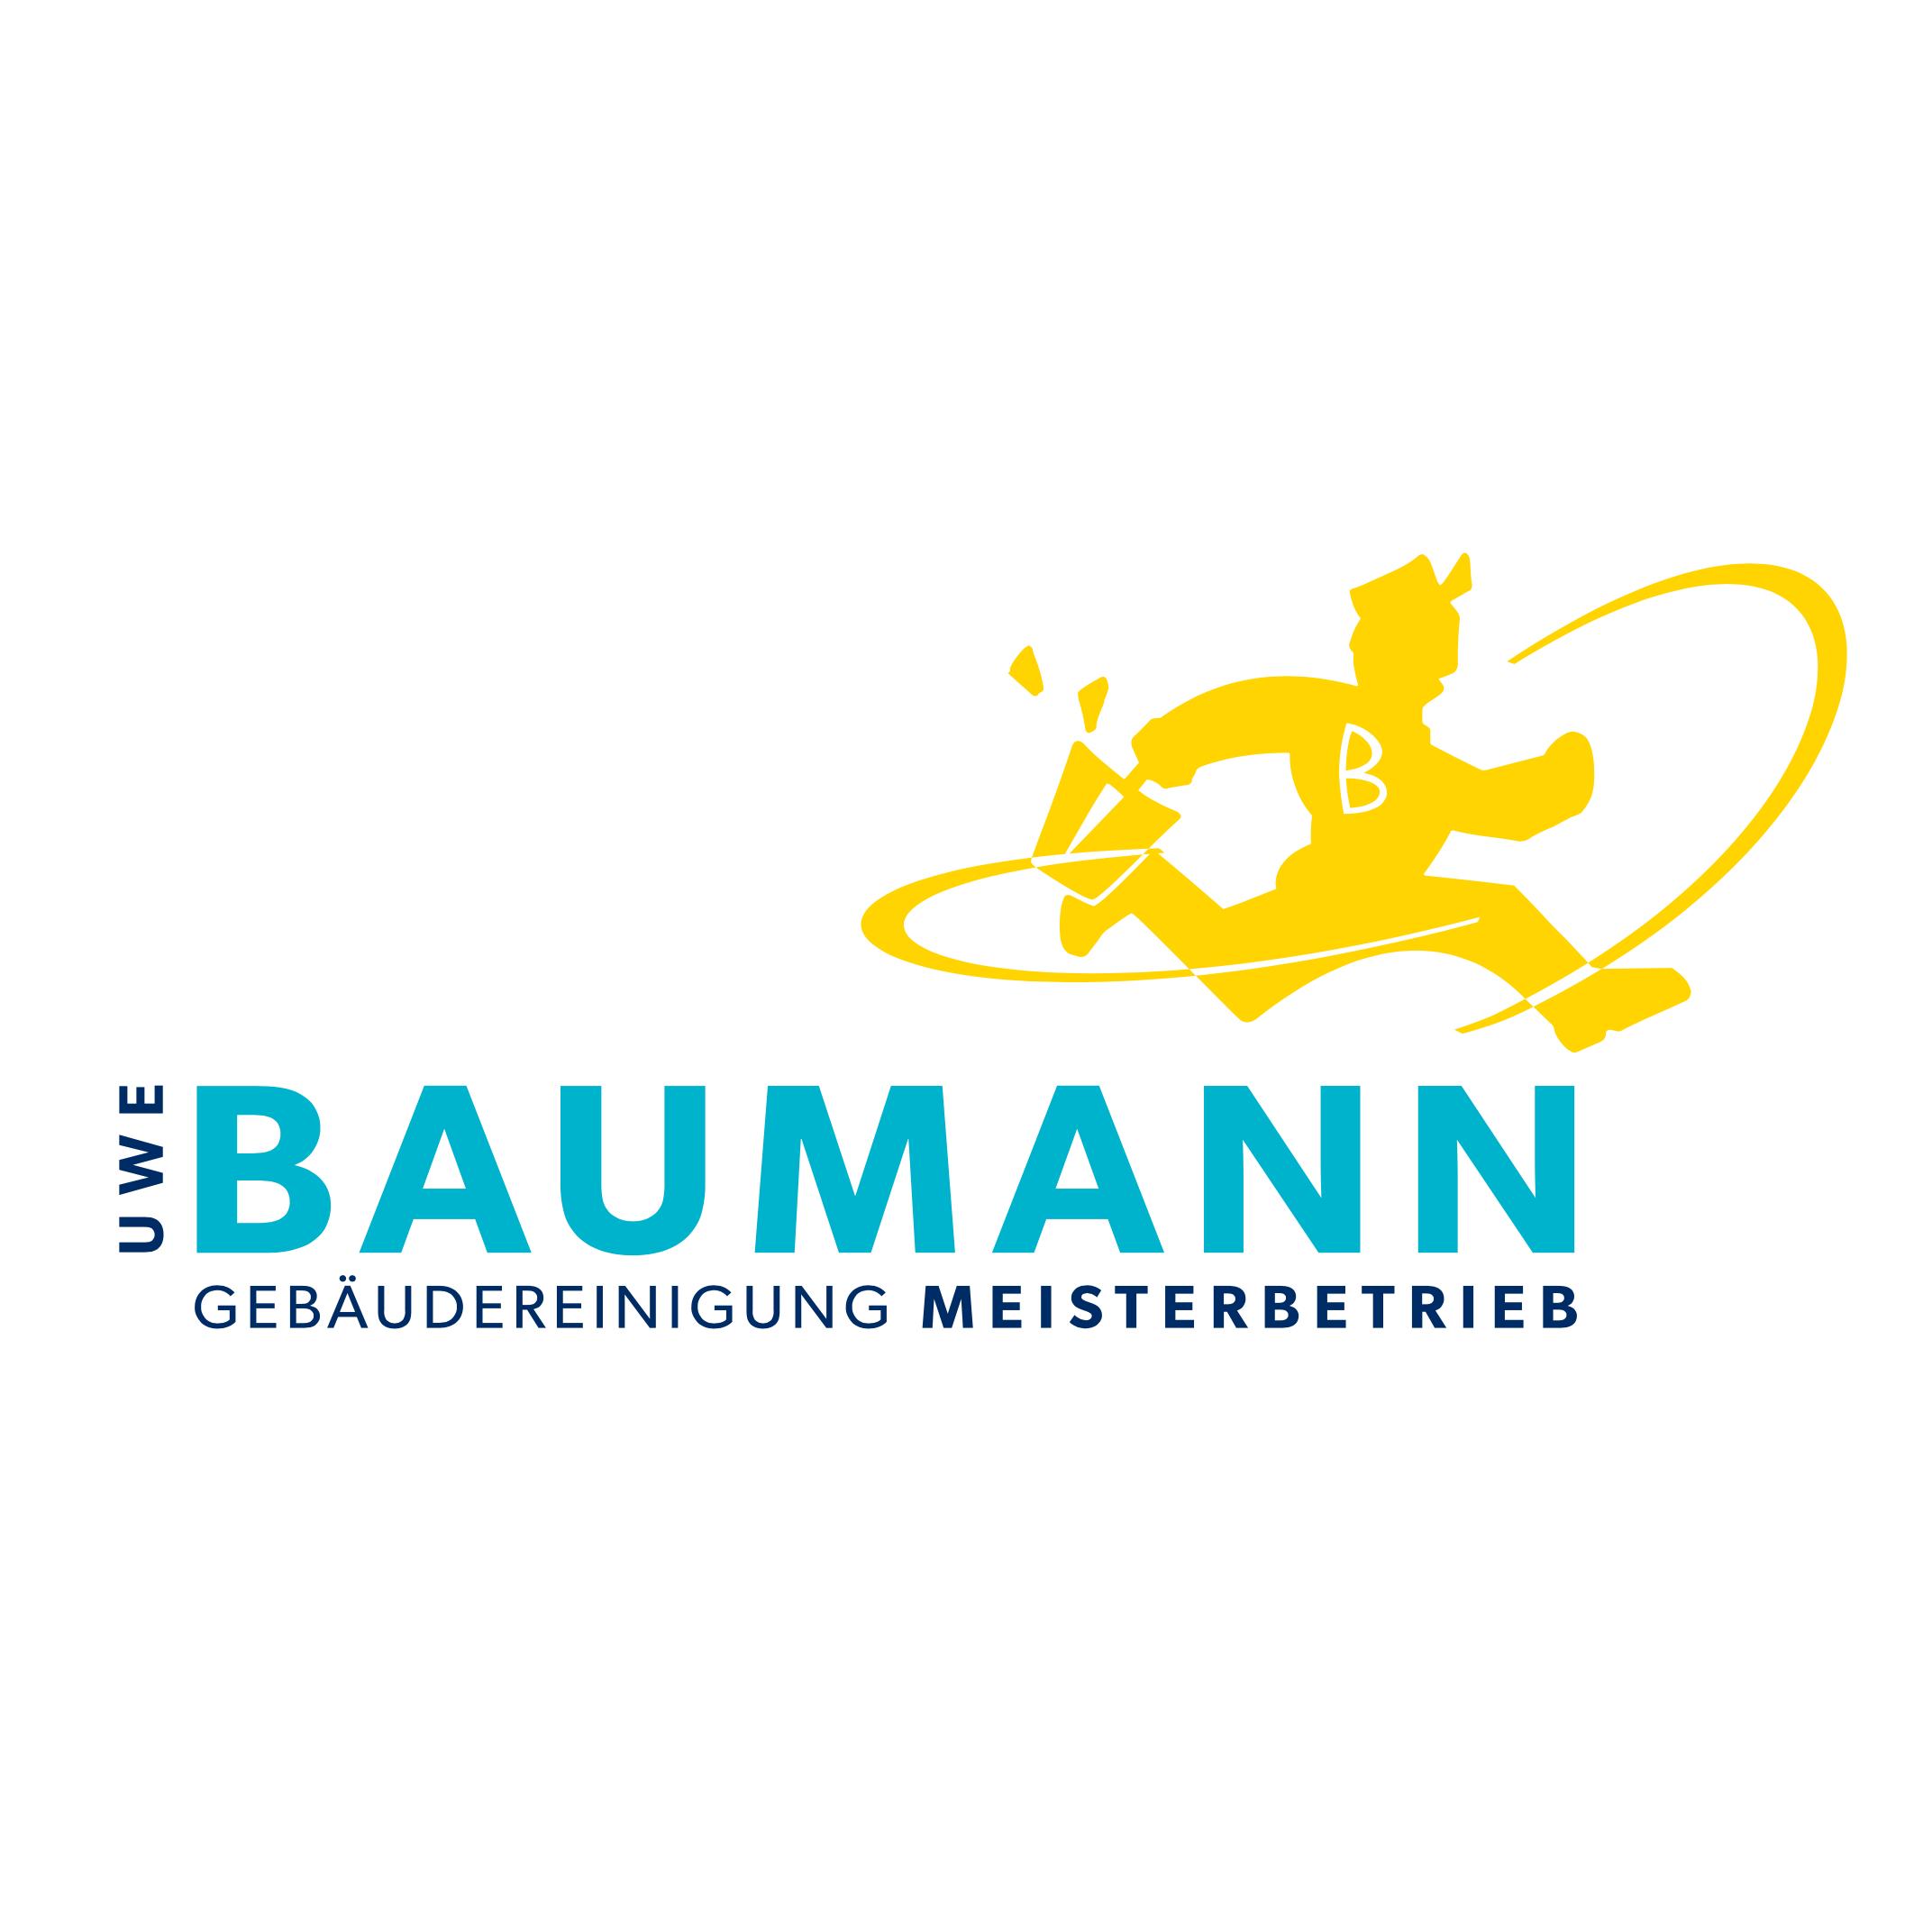 Uwe Baumann Gebäudereinigung | Meisterbetrieb